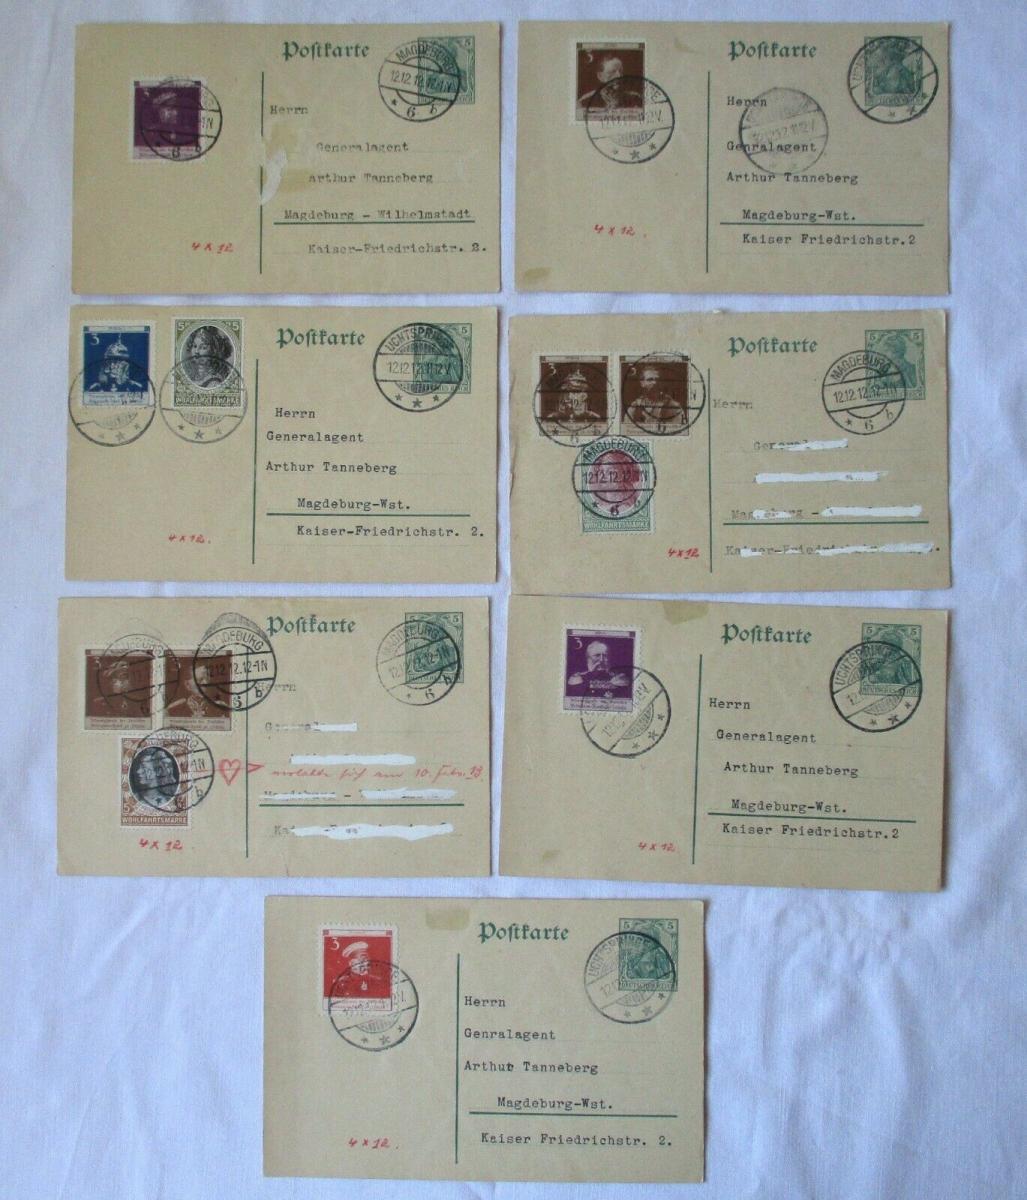 7x Ganzsachen Postkarten mit Vignette Deutscher Veteranen-Dank (127095) 0